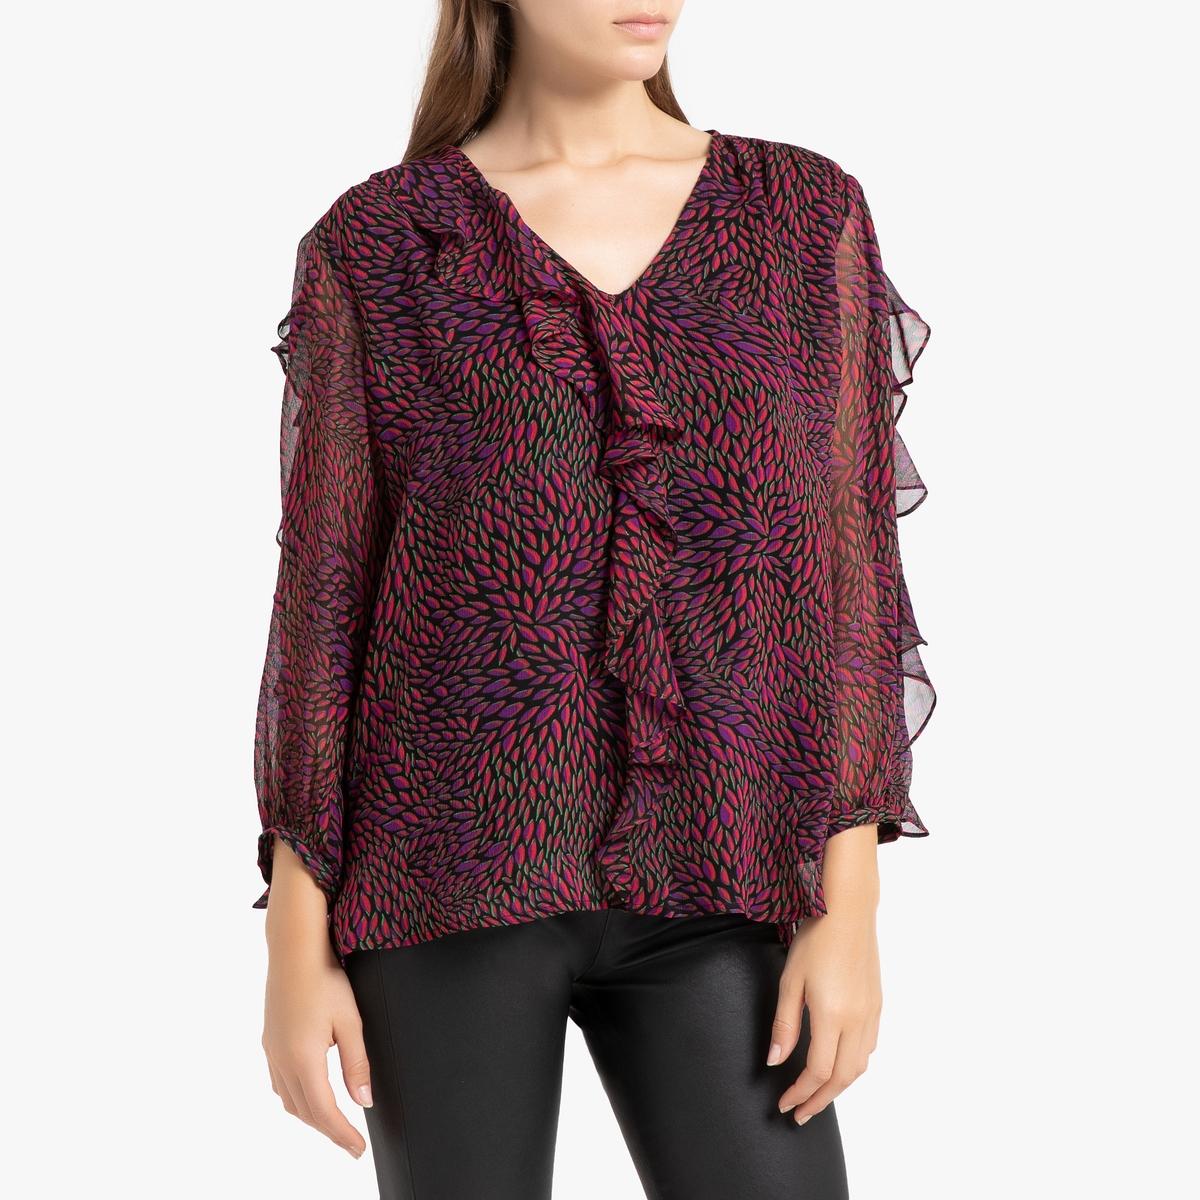 Блузка La Redoute С рисунком V-образным вырезом и длинными рукавами GENNY 0(XS) розовый блузка с рисунком и рукавами с напуском kalao blouse